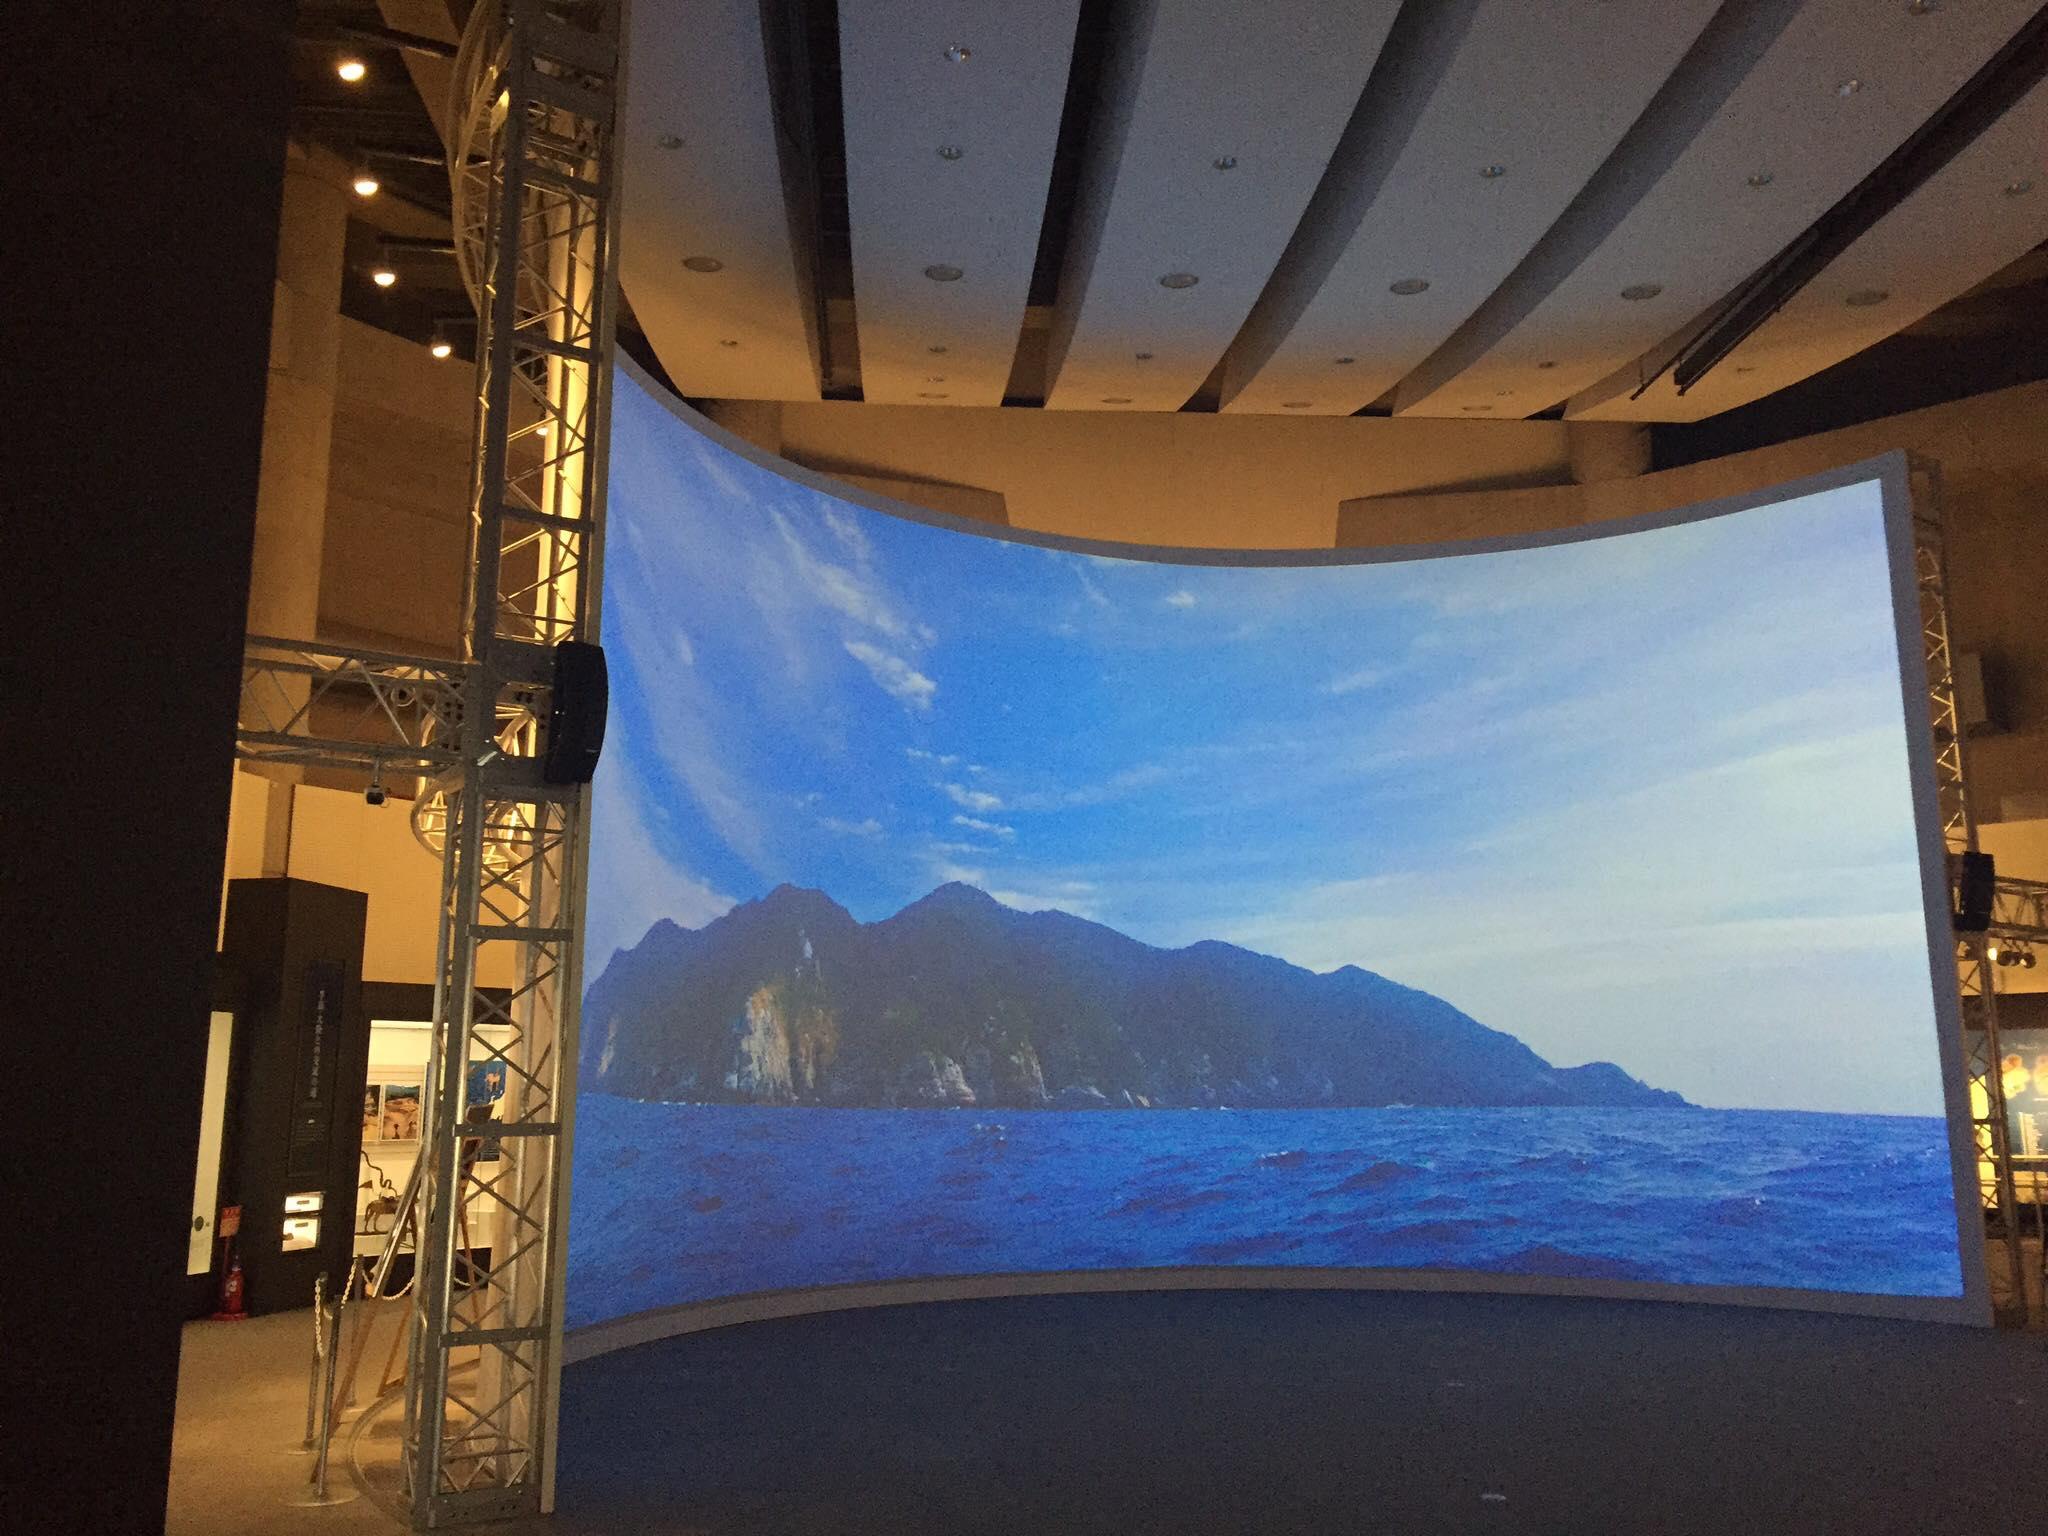 """海の道むなかた館「沖ノ島の祭祀遺跡と巨岩群」<br> Sea Road Munakata Exhibition Hall """"The Sacred Island of Okinoshima and Associated Sites"""""""